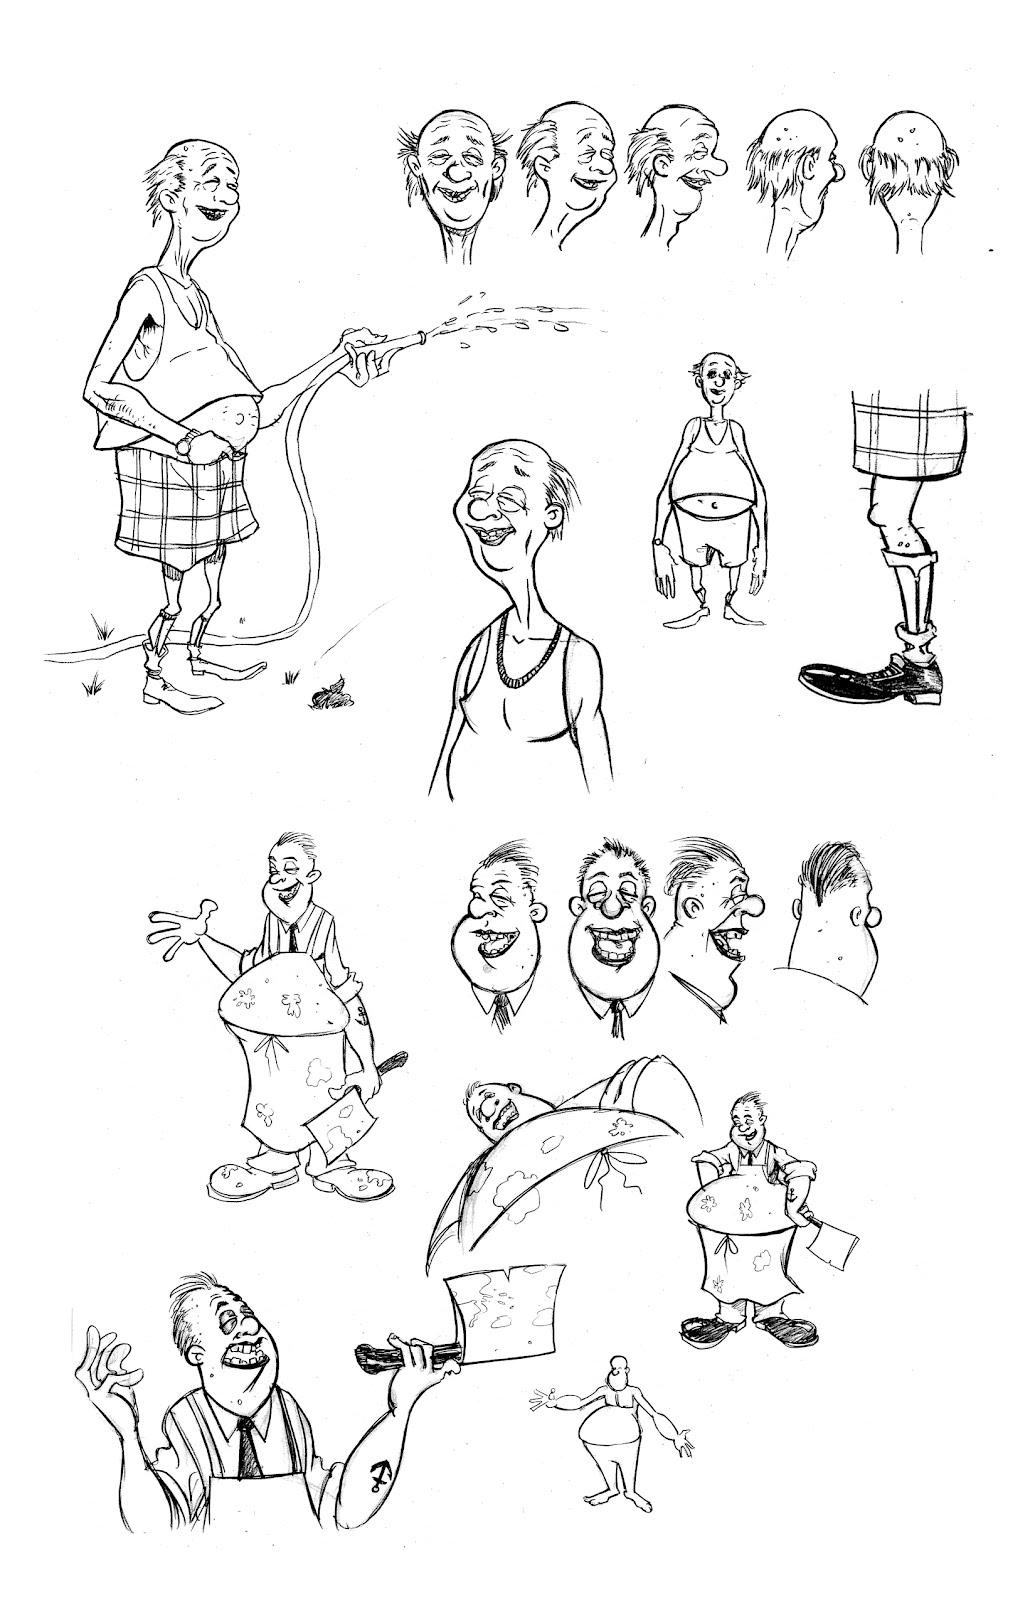 Character Design Sketchbook : Cartoon concept design frank forte sketchbook now on sale